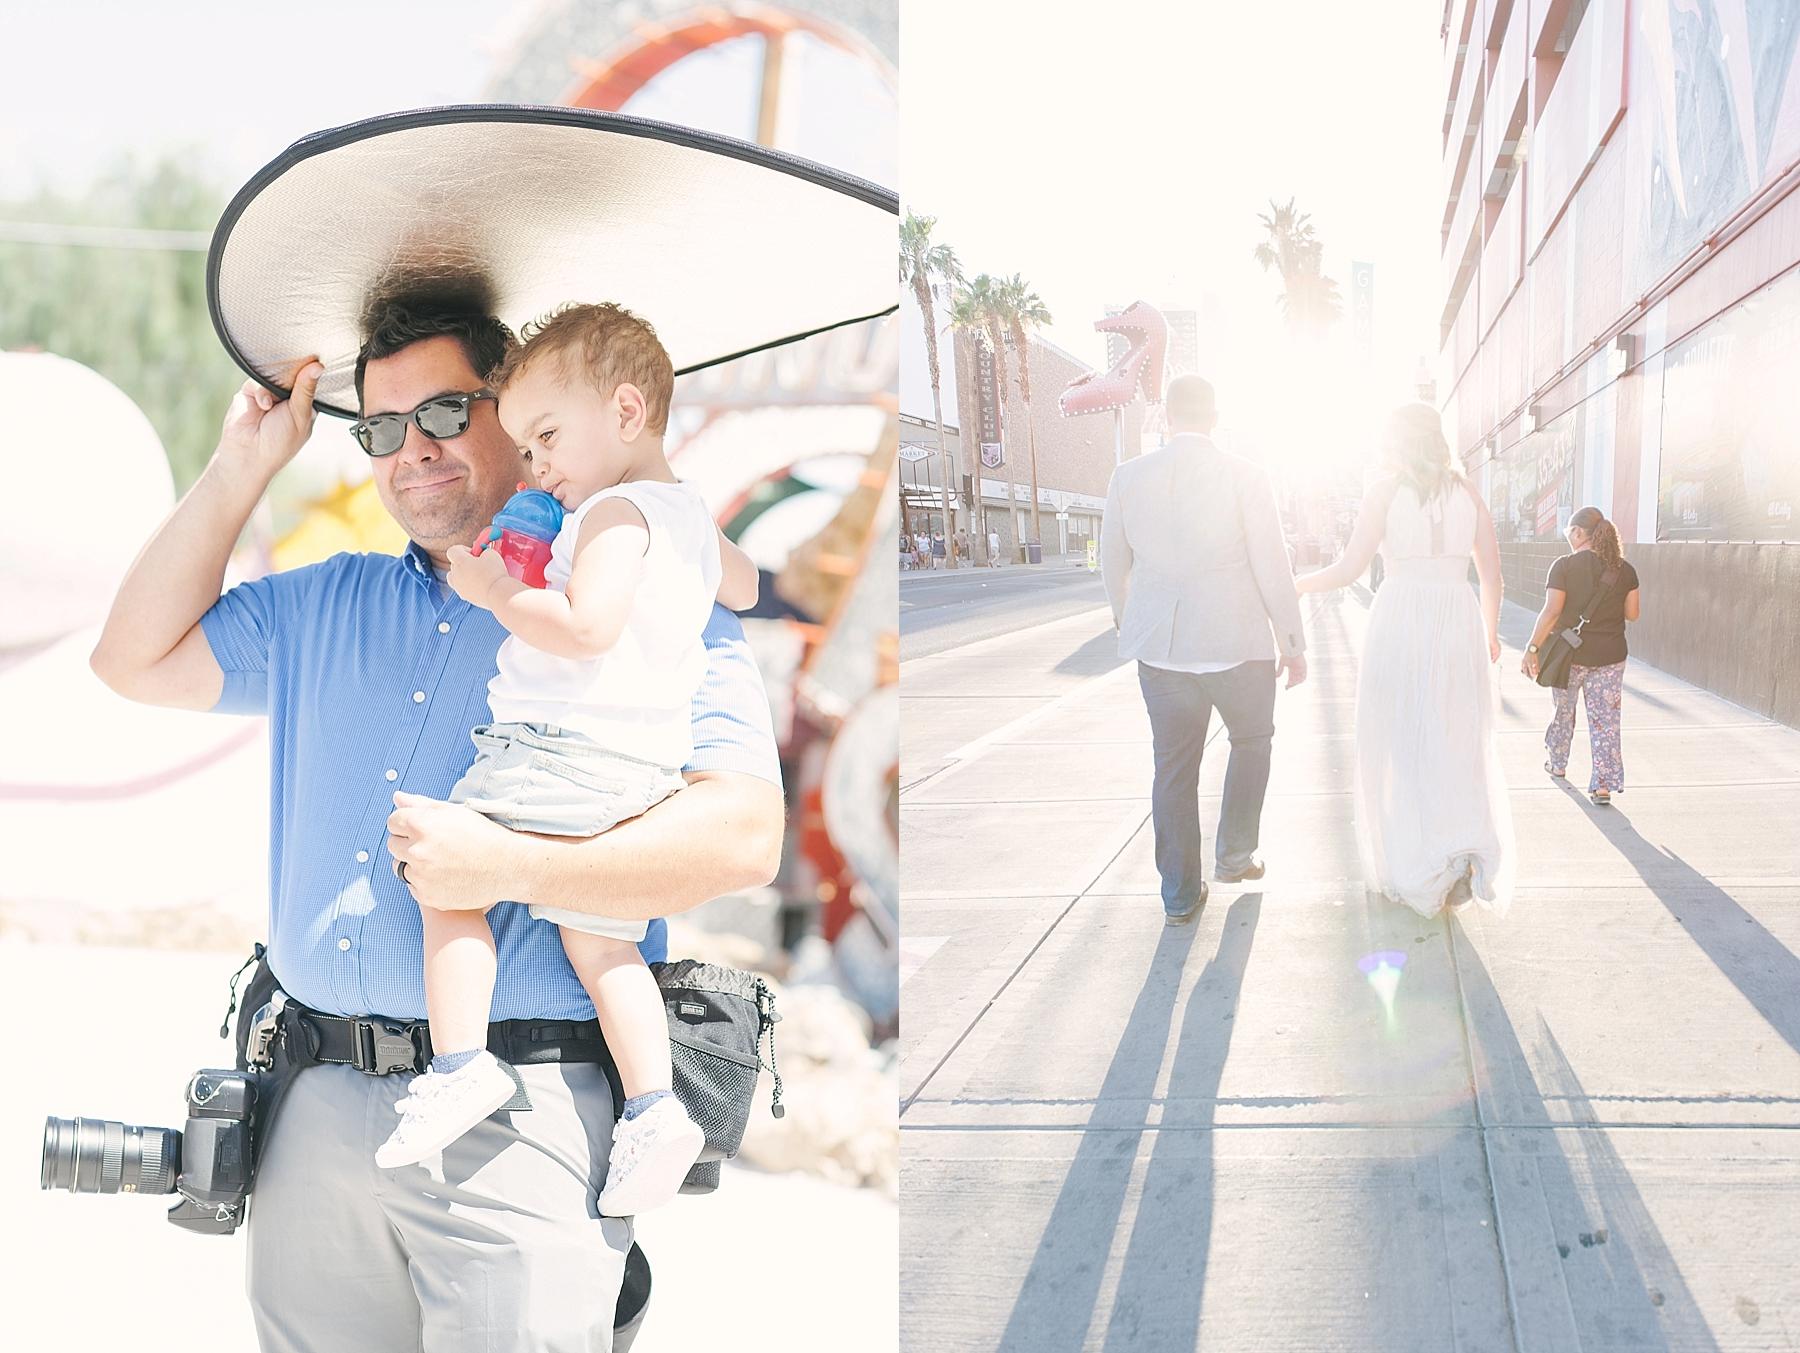 las_vegas_wedding_photographers_behind_the_scenes-01-16.jpg